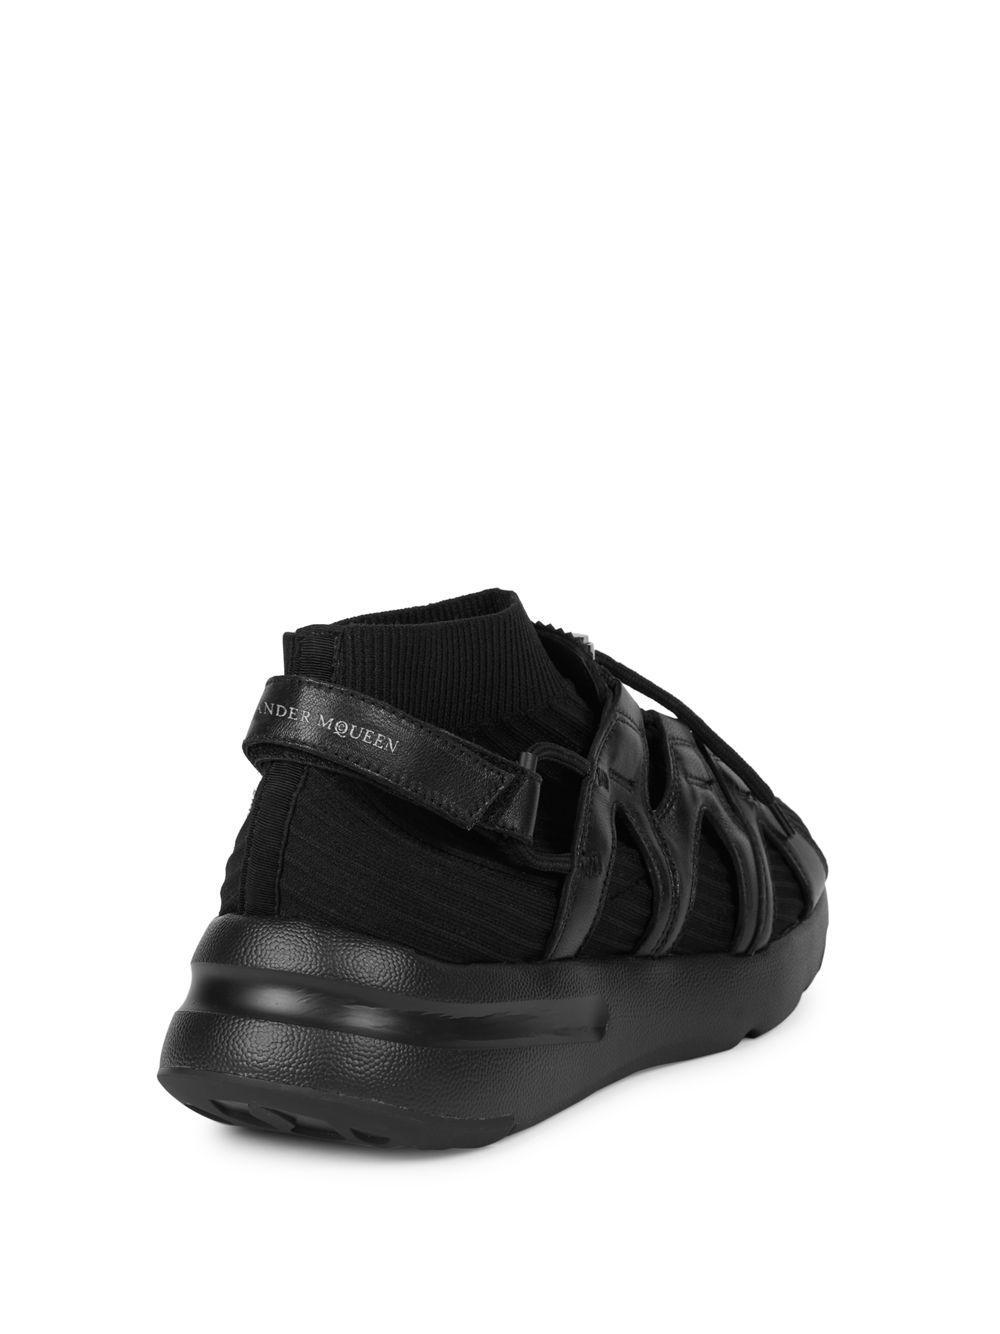 Alexander McQueen Synthetic Classic Running Sneakers in Black for Men